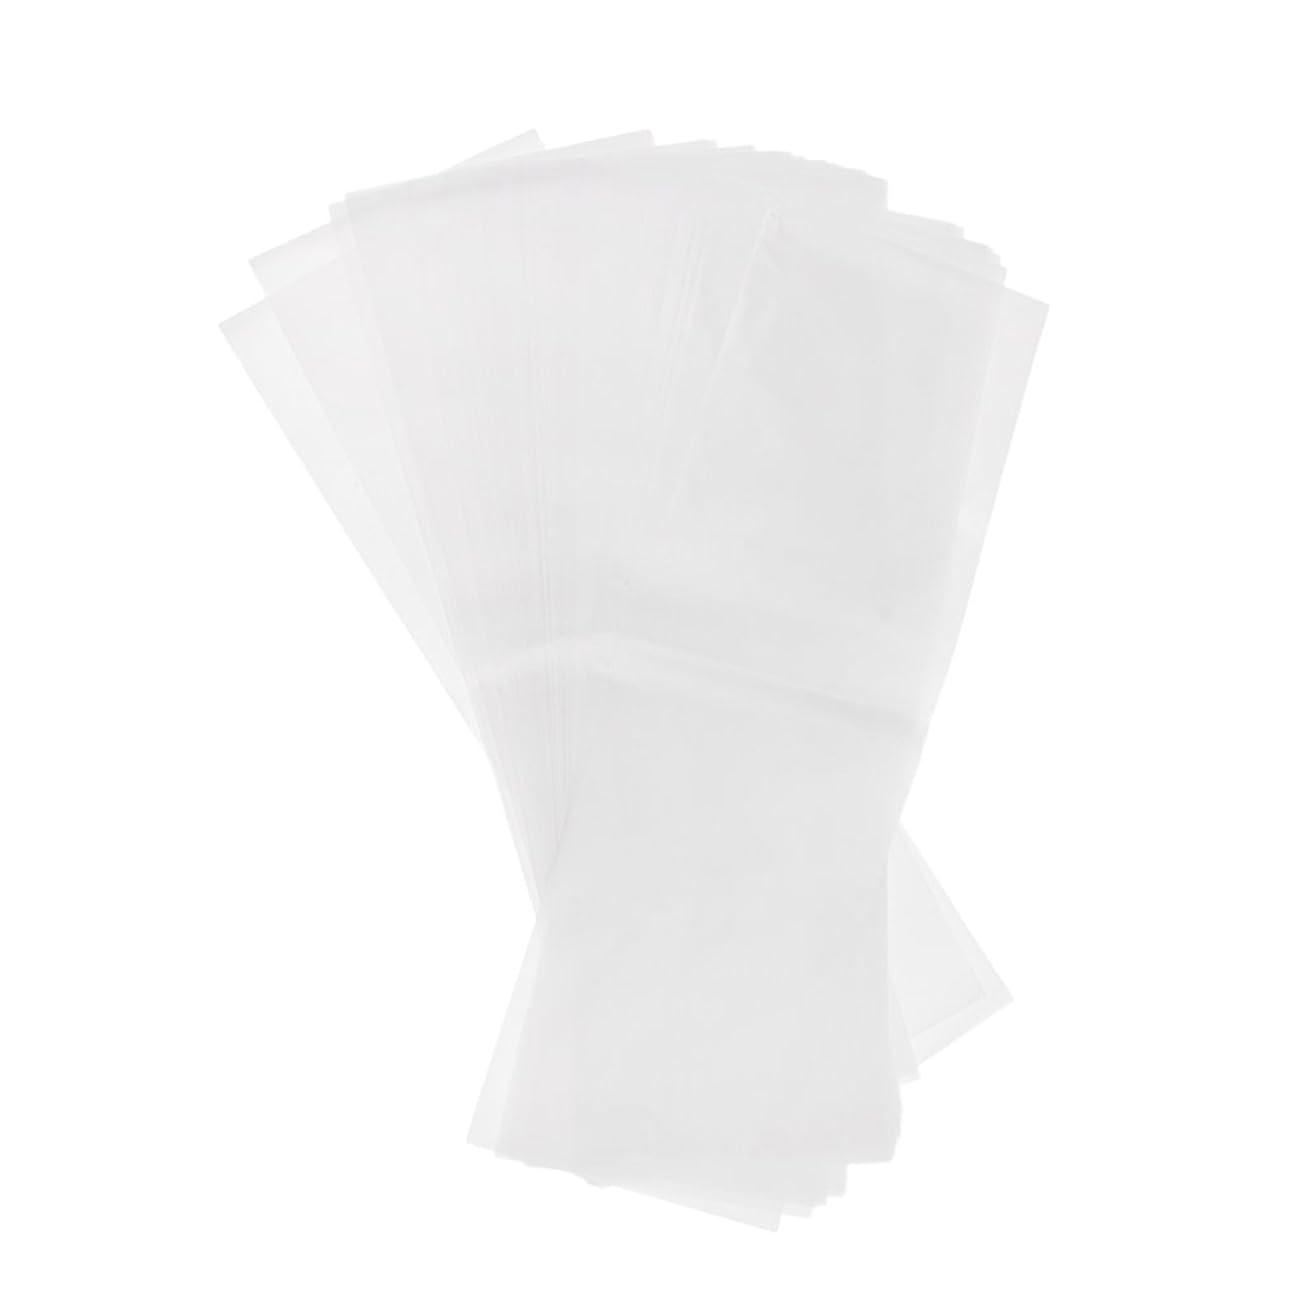 に付ける悪質な症候群Perfeclan 約50枚 毛染め 分版用紙 プラスチック製 染毛紙 色のハイライト おしゃれ染め 2仕様選べる - ホワイト